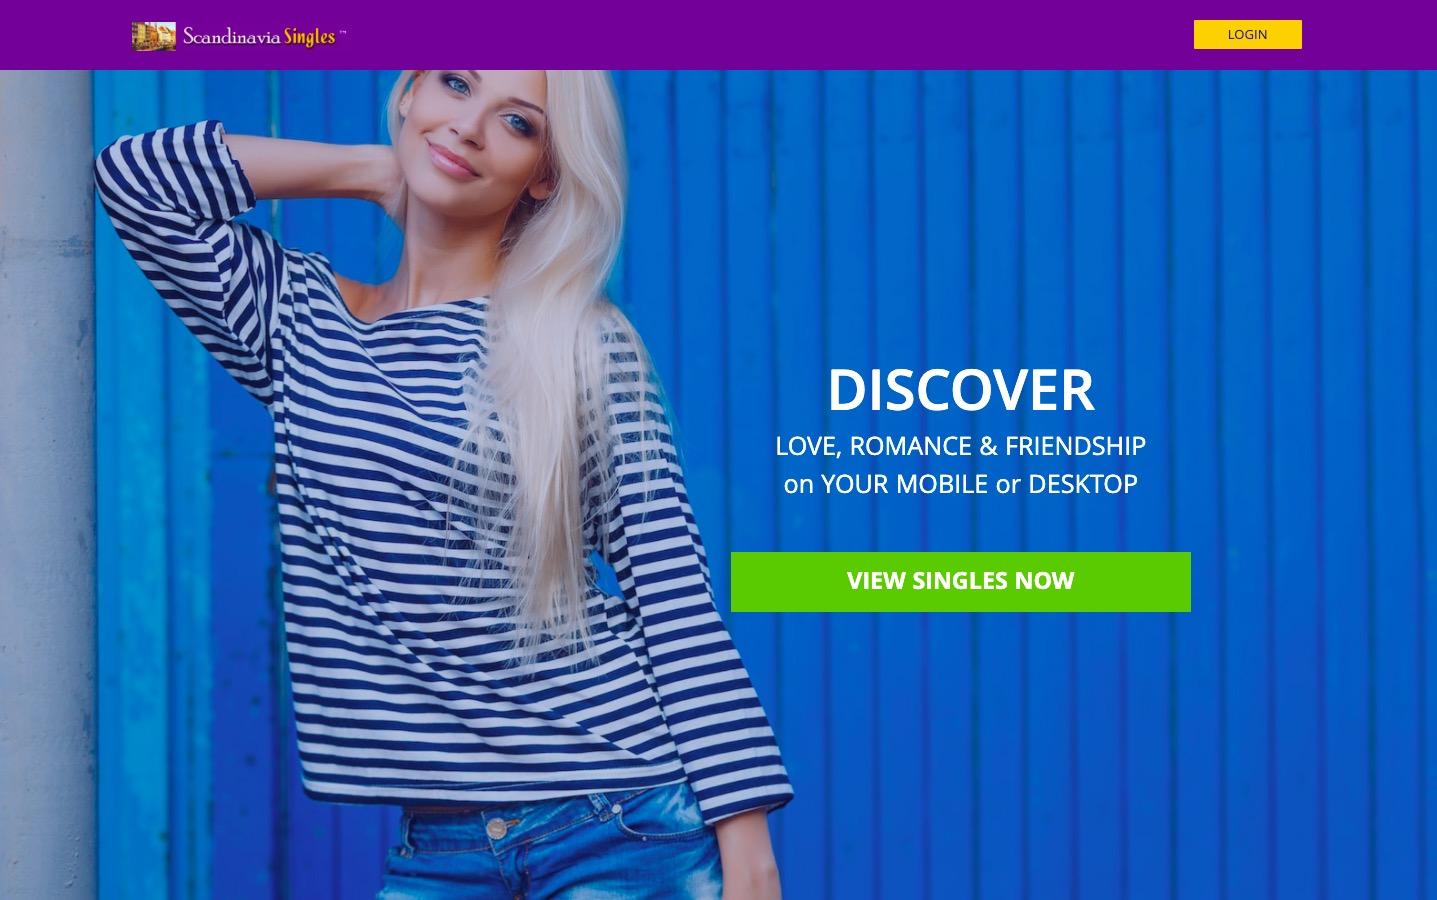 ScandinaviaSingles main page